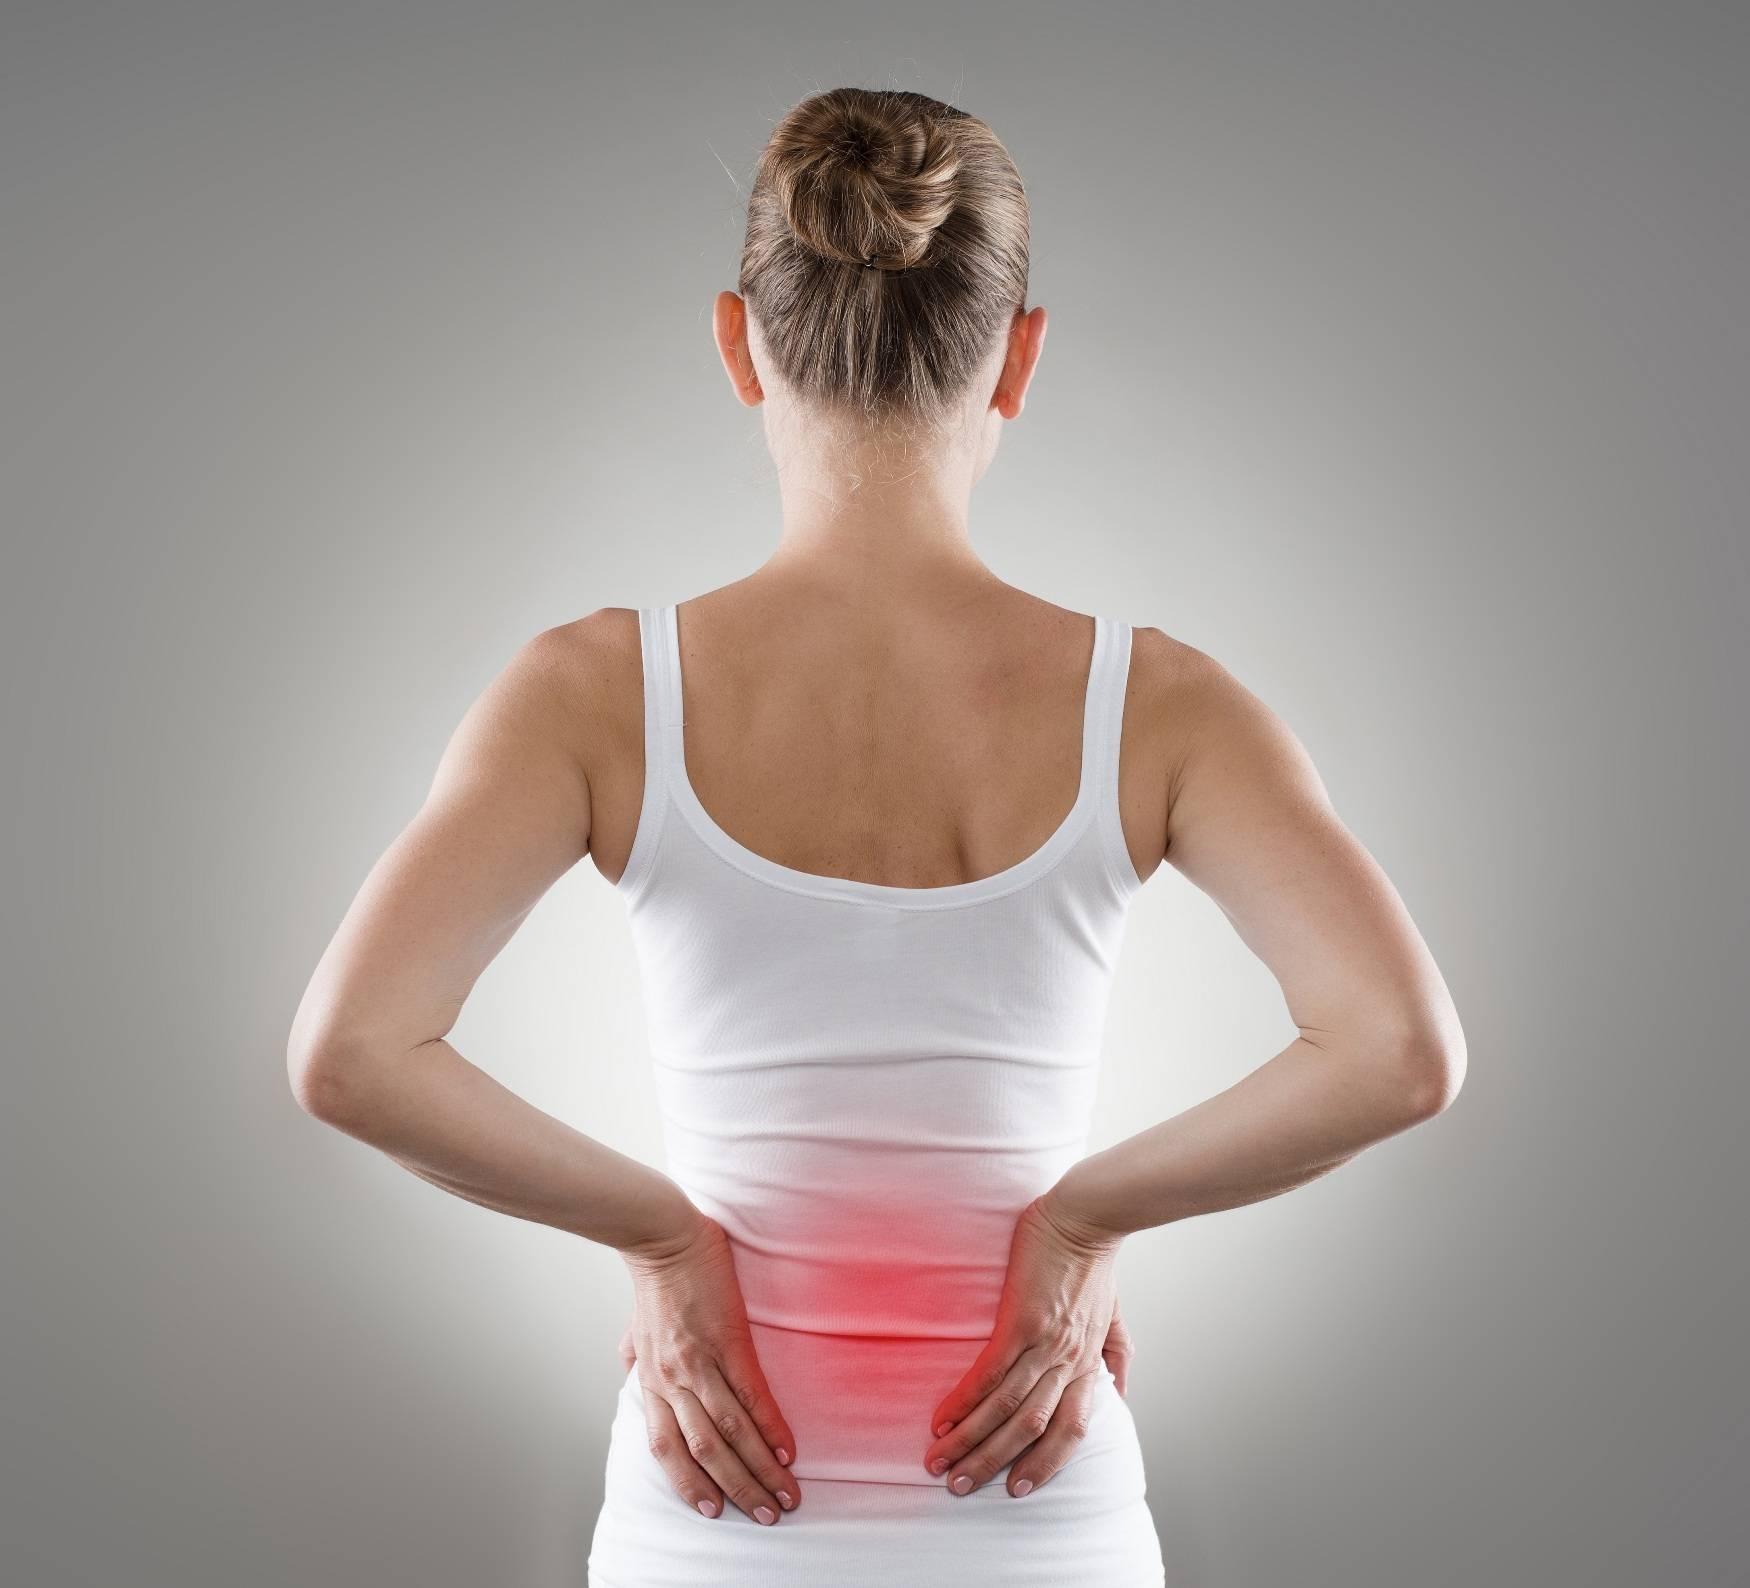 5 частых причин боли в пояснице — что нужно знать и что делать